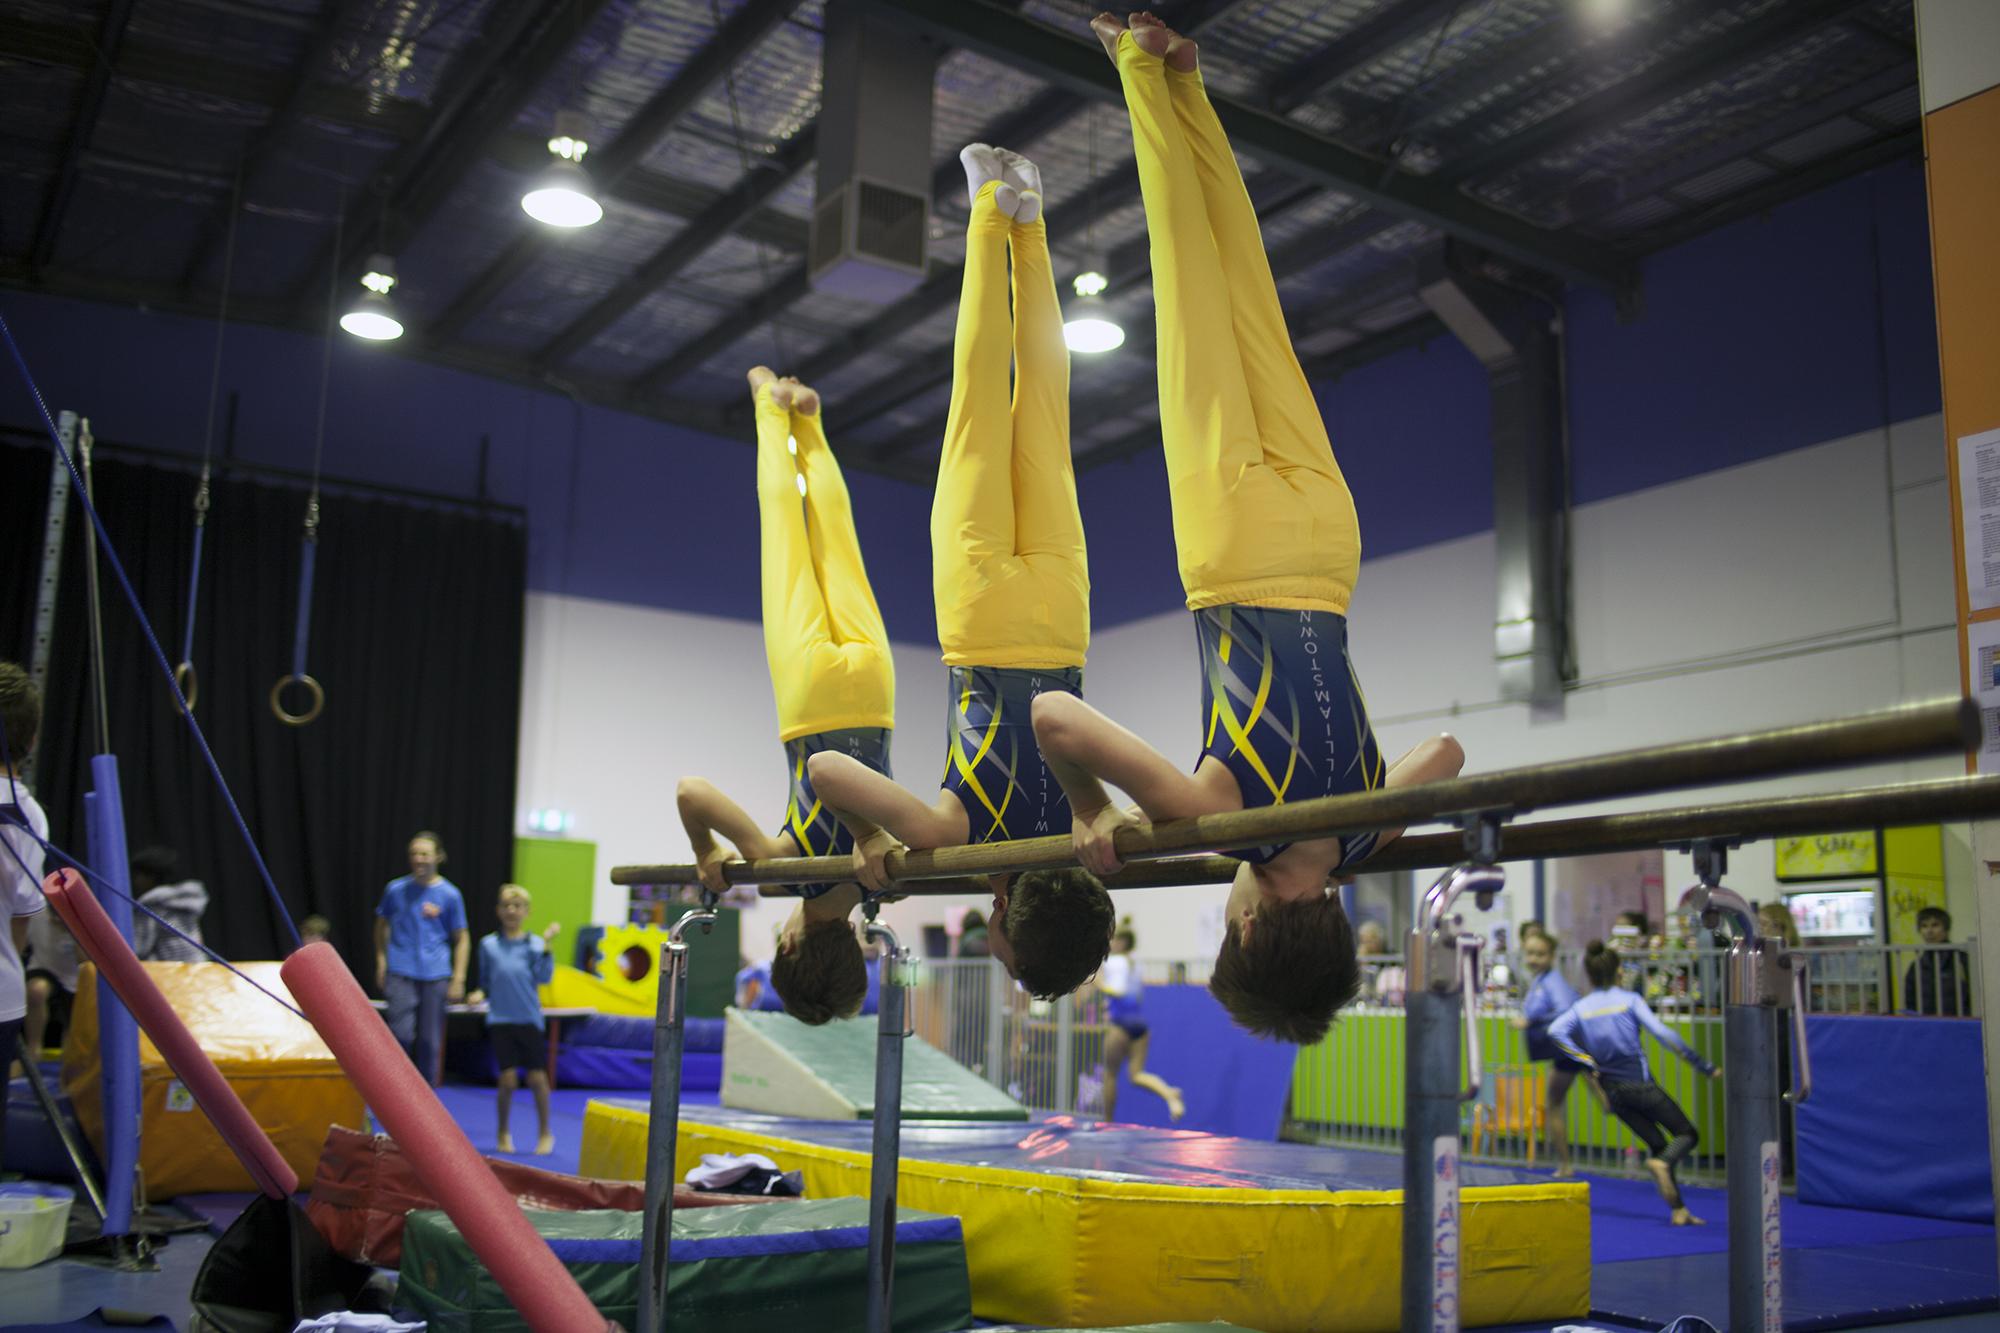 LFK_gymnastics_0031